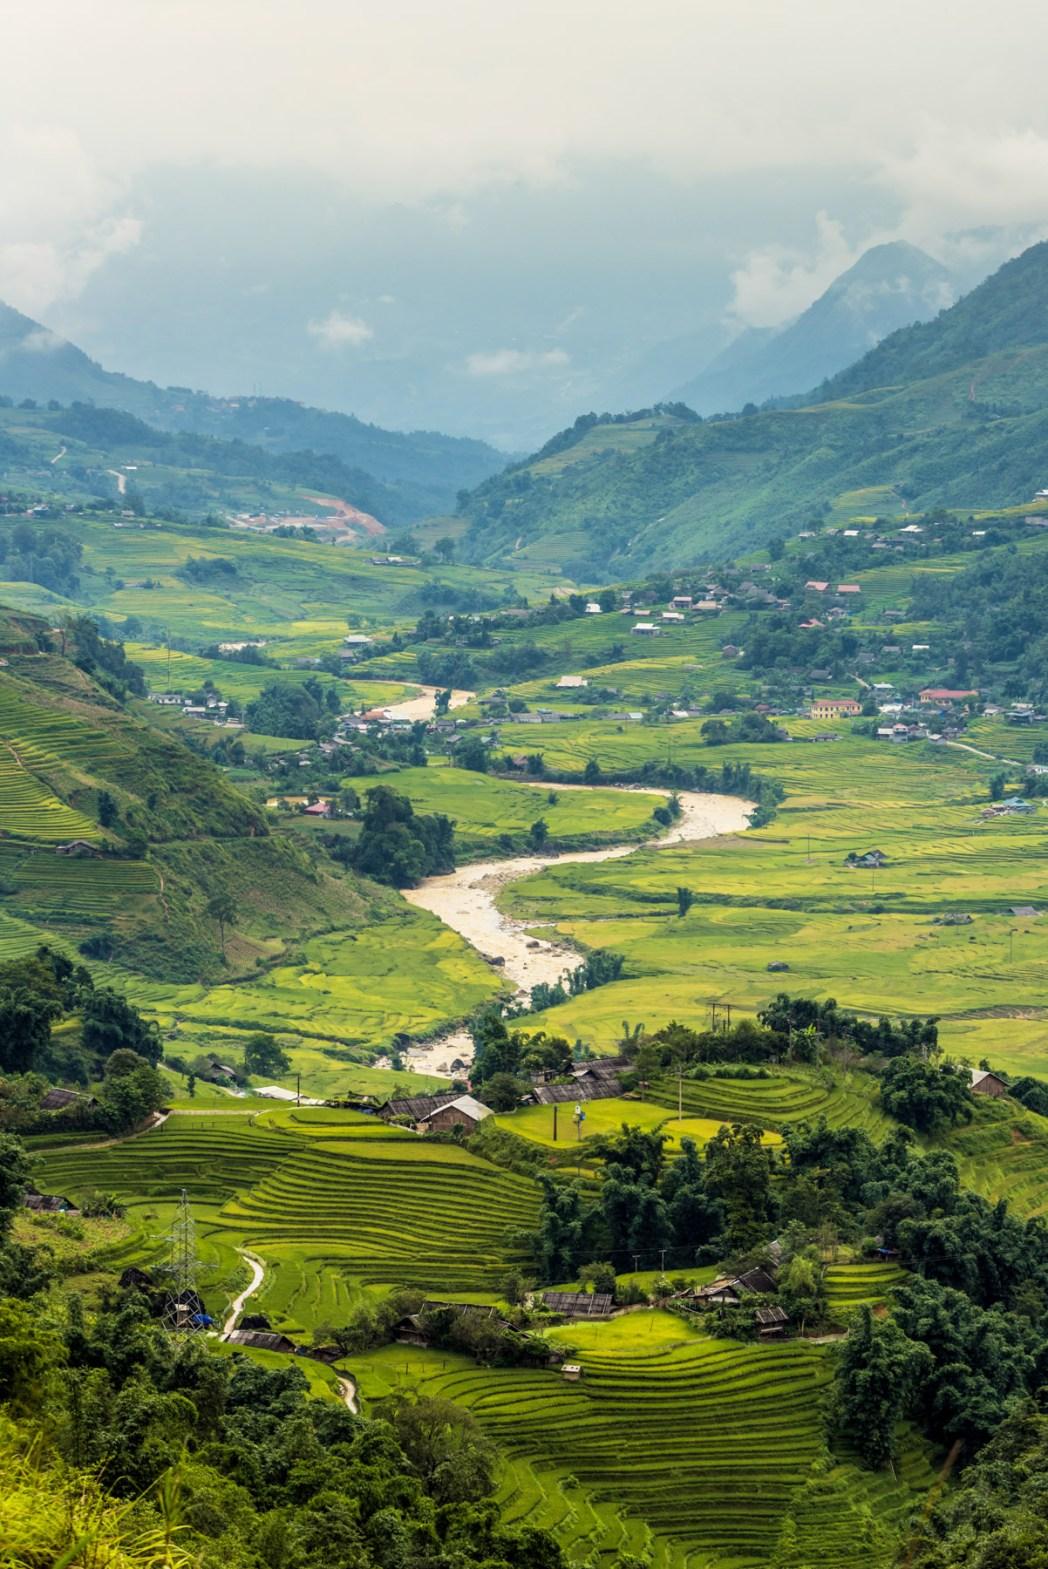 paisajes de vietnam foto de bisual studio